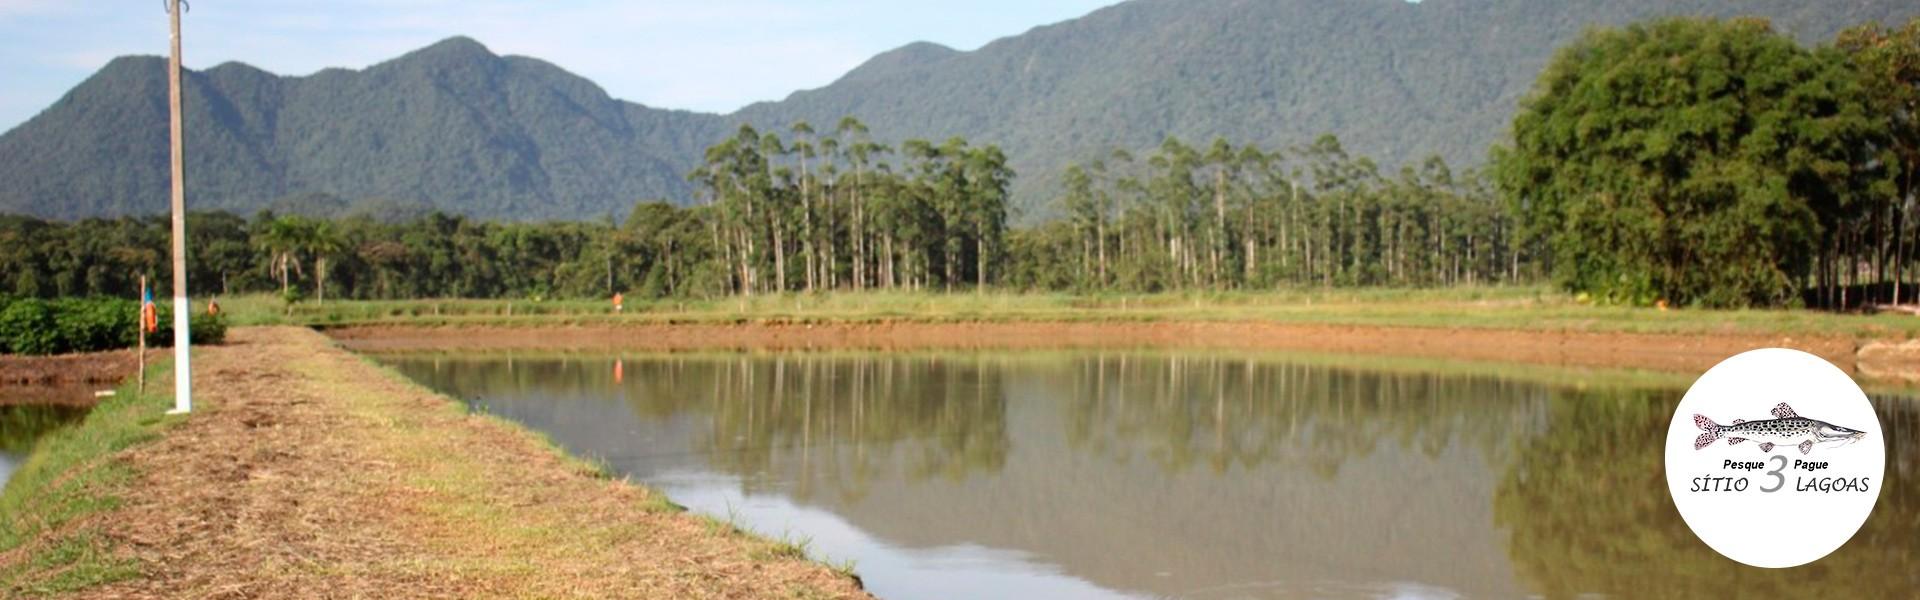 Primeiro Campeonato Catarinense em Pesqueiros acontece em novembro